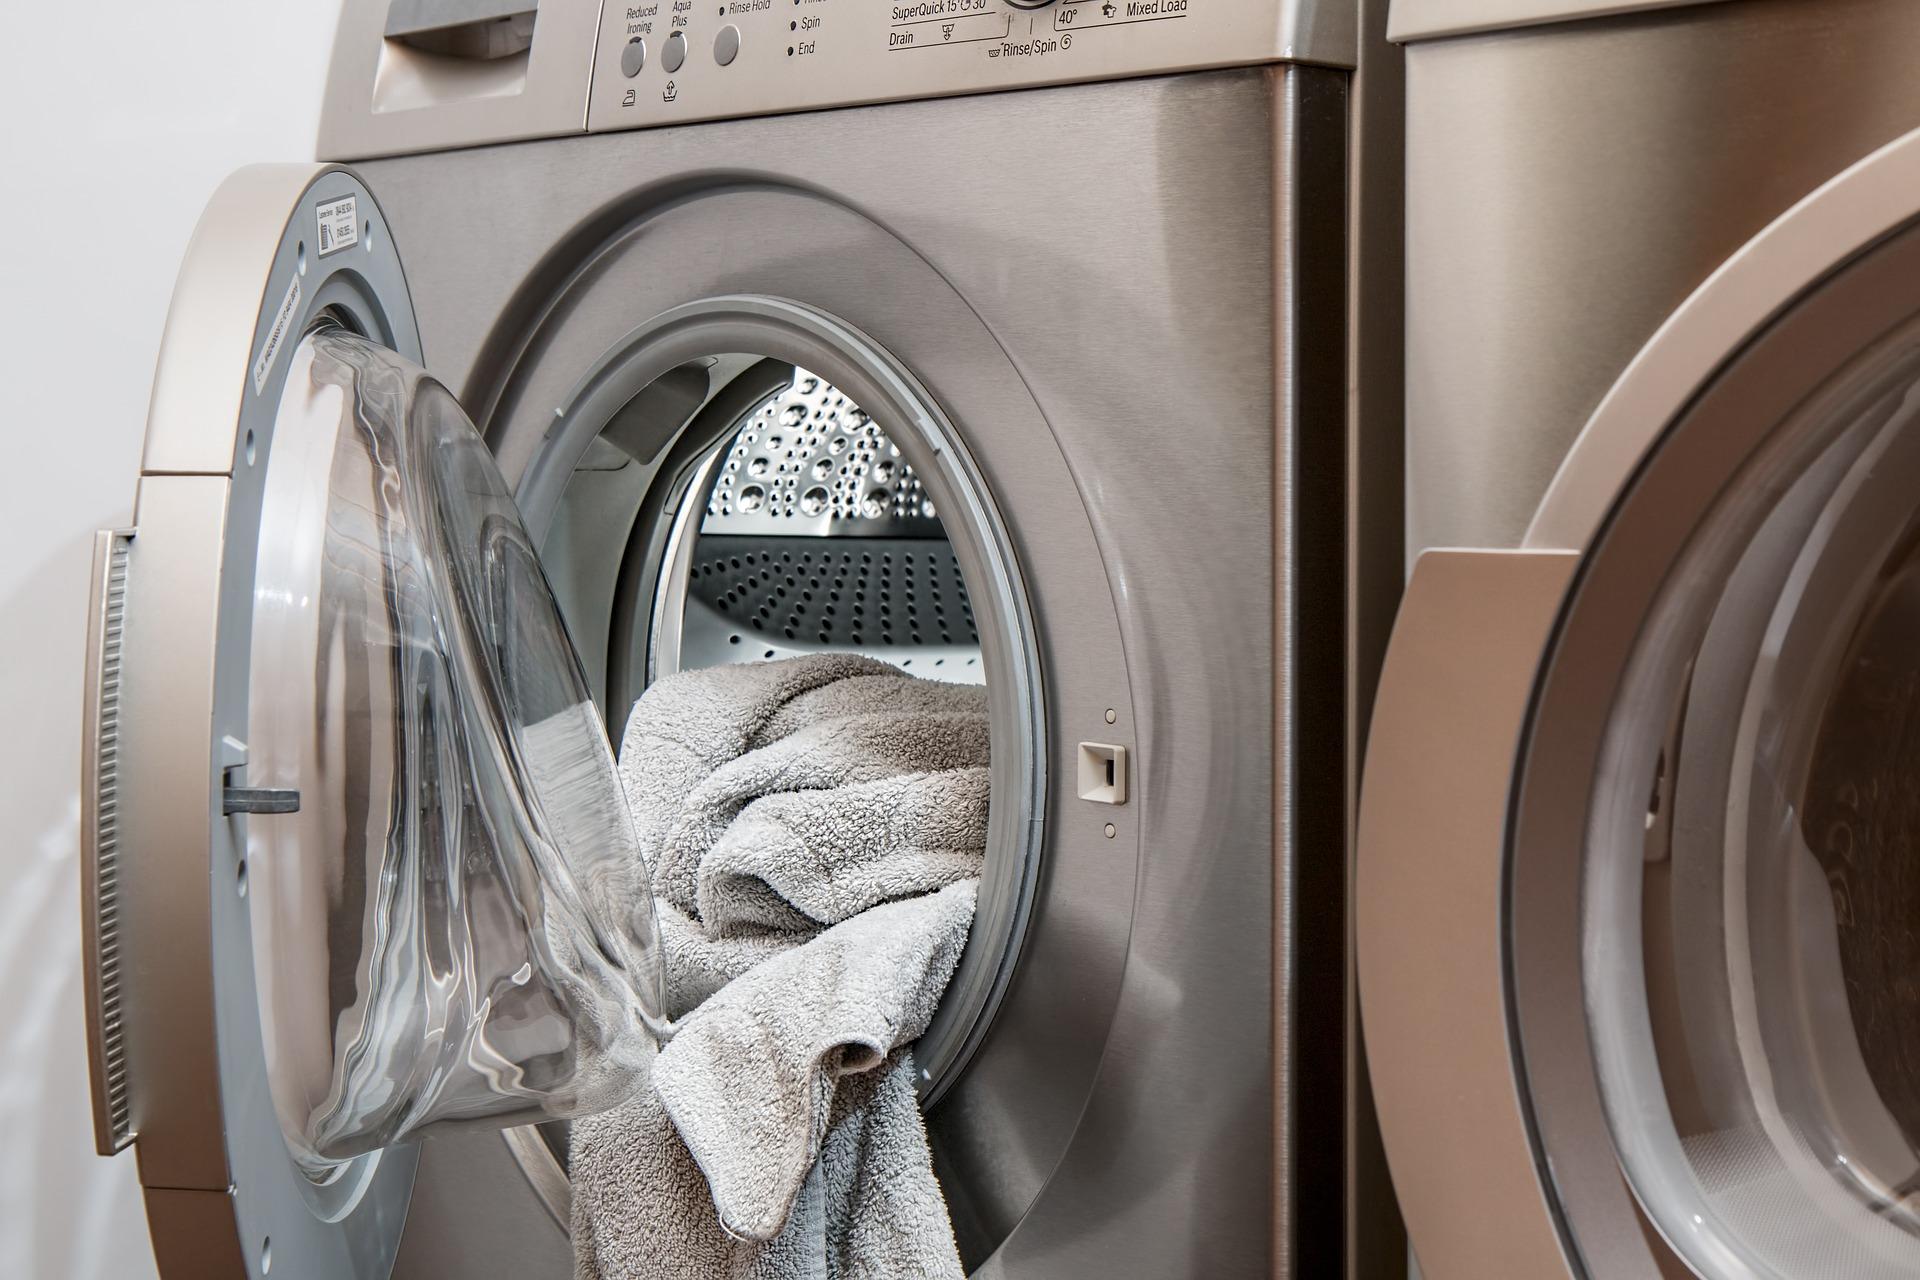 <i>Softer Laundry</i>